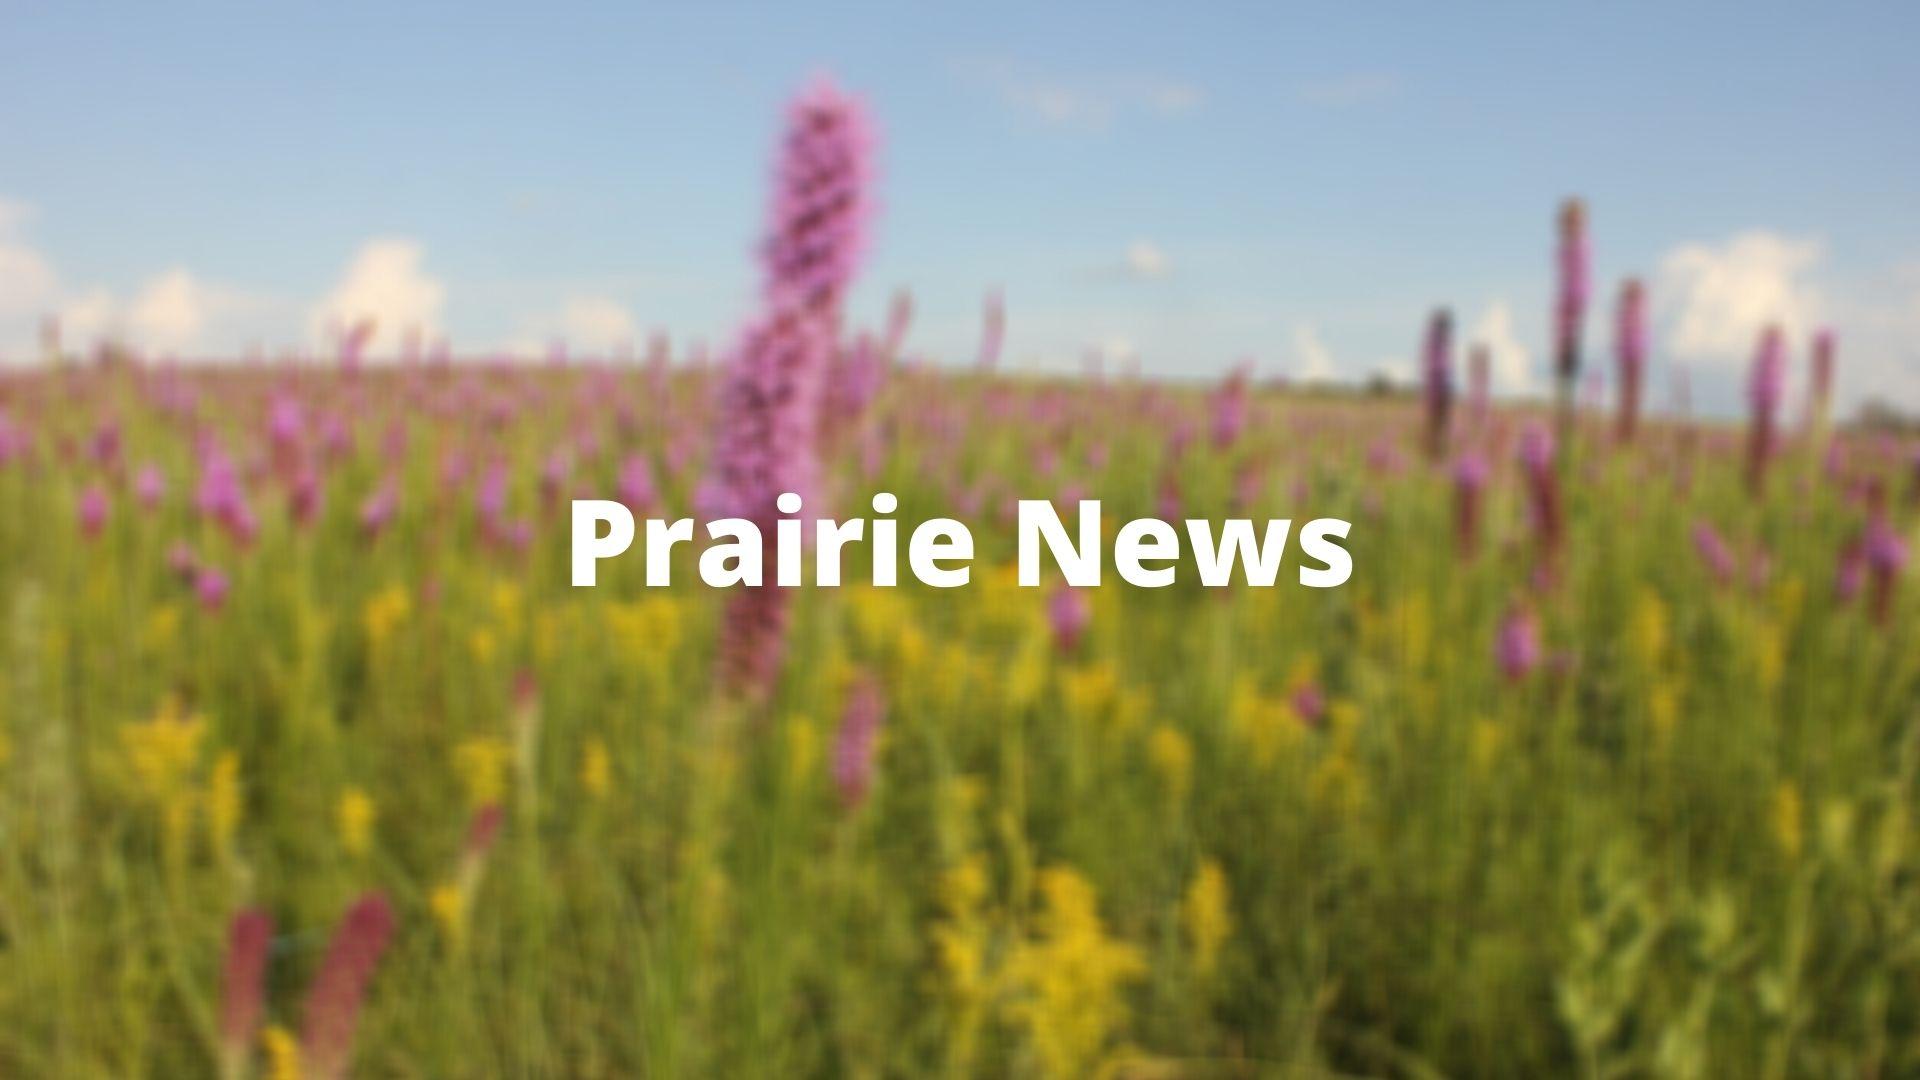 prairie full of blazing stars